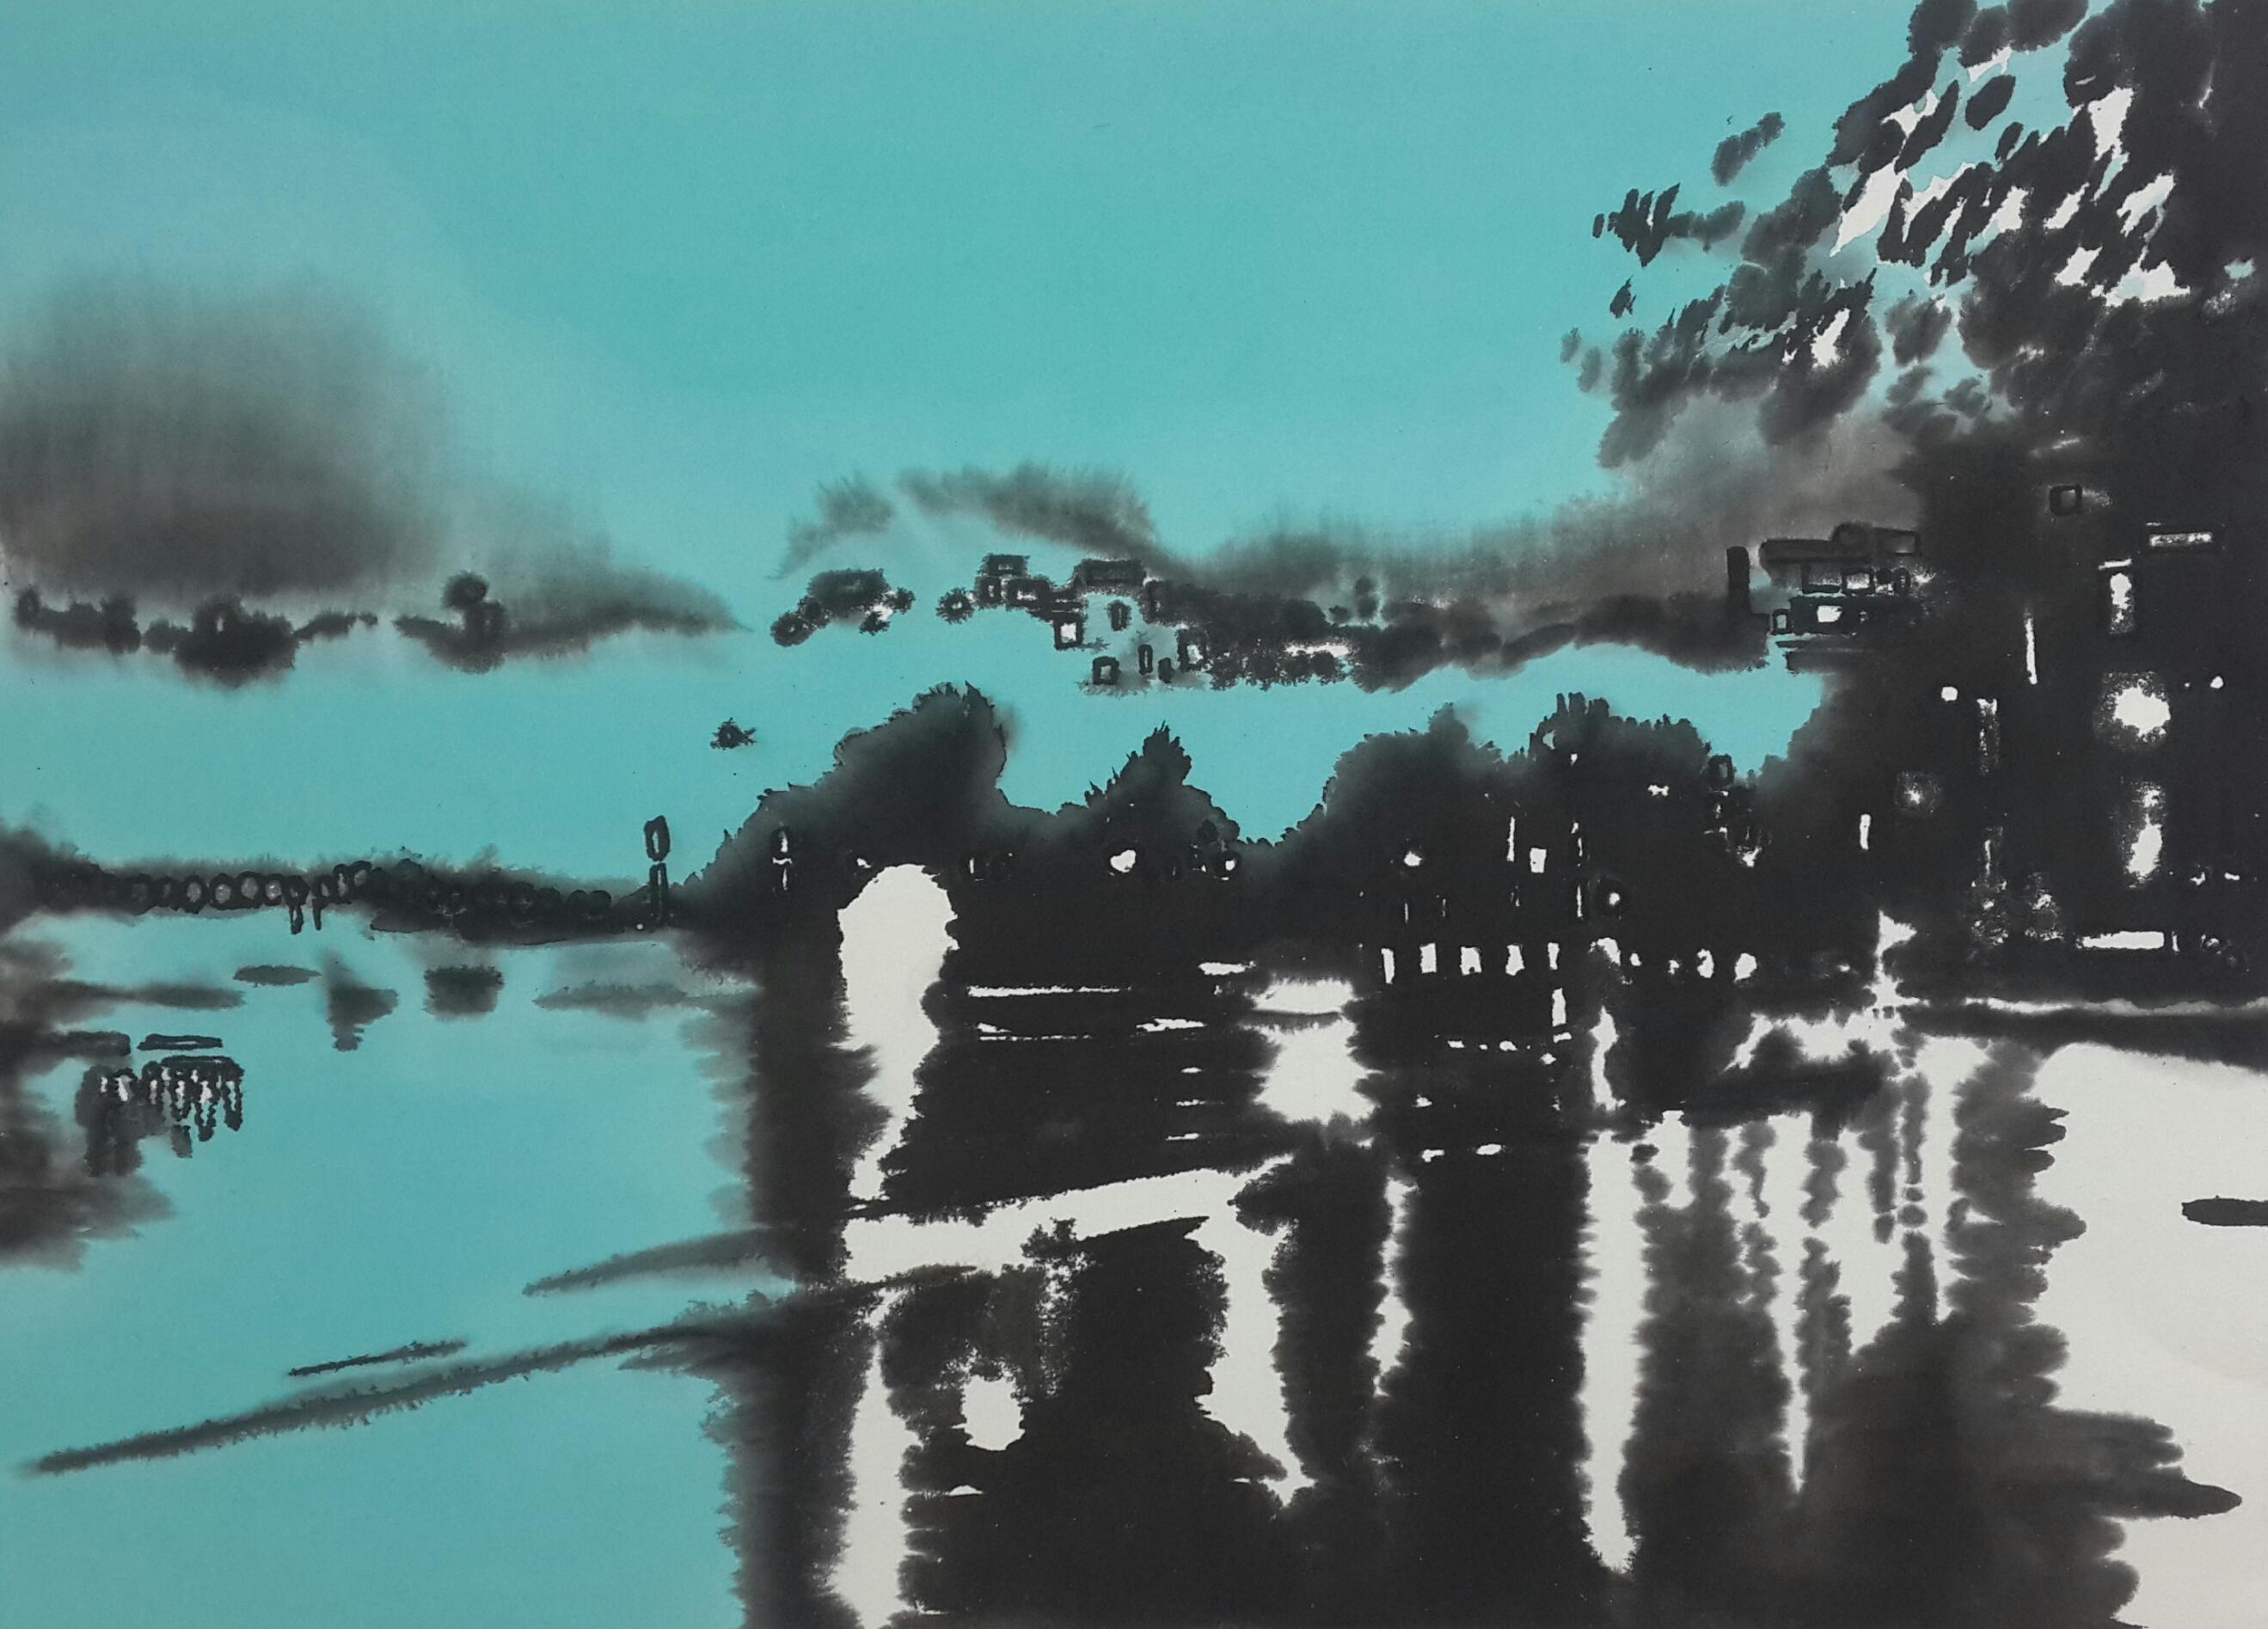 장경애|rain of blue